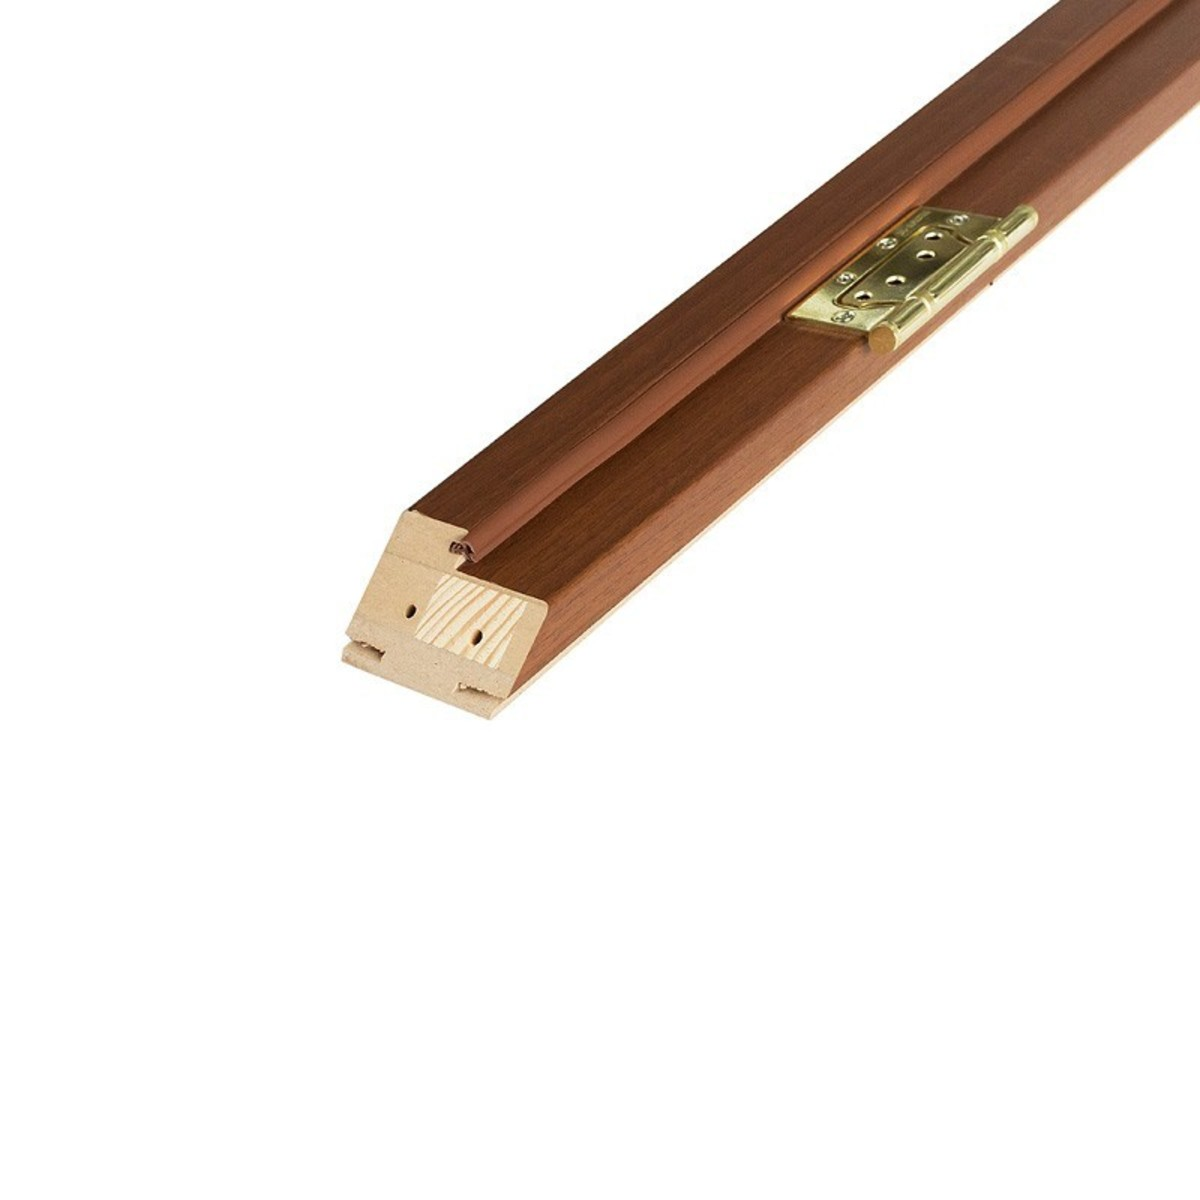 Брус коробочный узкий 80x210 см ламинация цвет орех